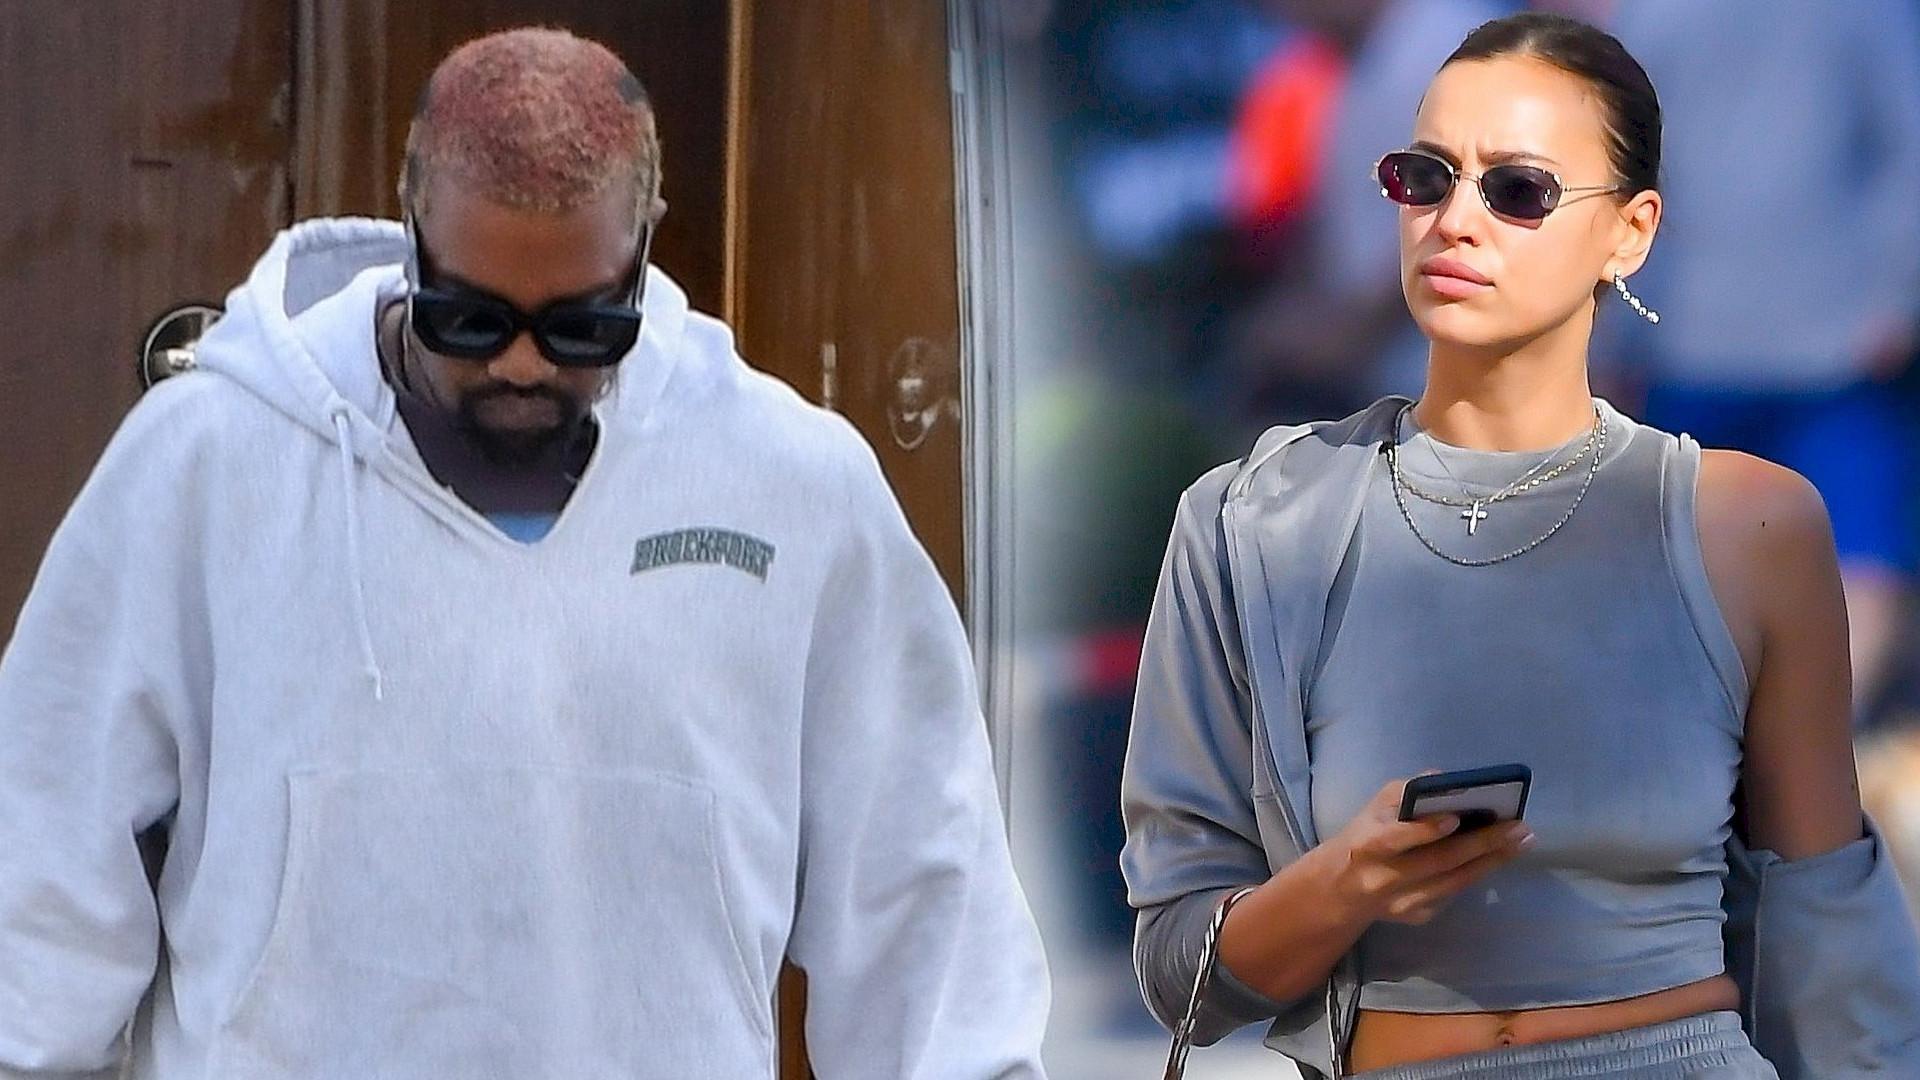 Kim wyznaje mu miłość, a Kanye spędza wakacje we Francji u boku top modelki